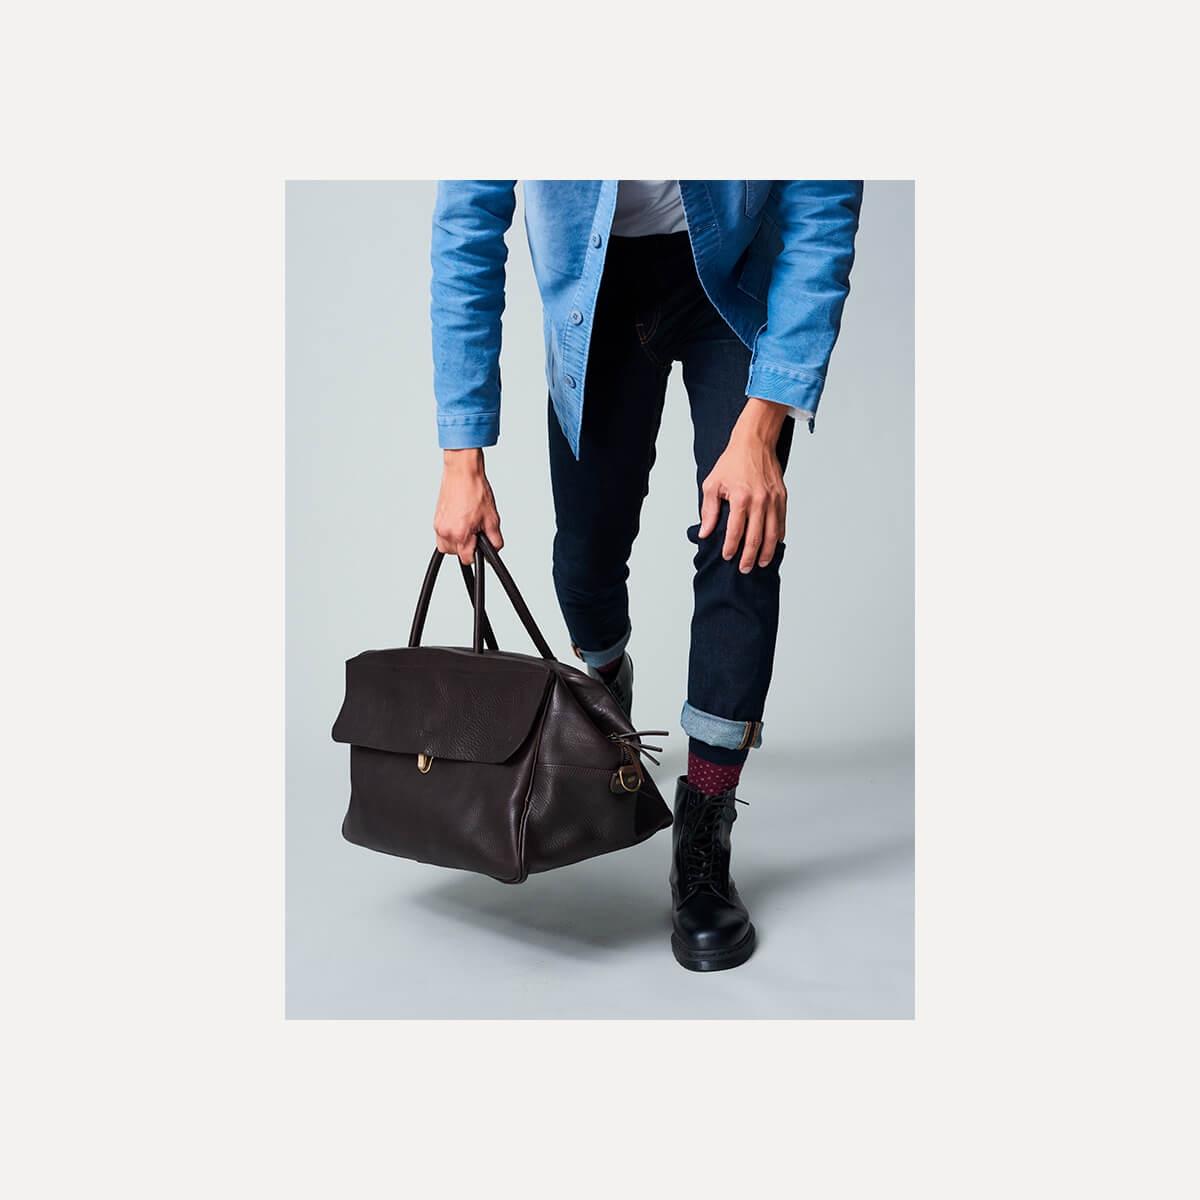 Gummo travel bag - Dark Brown / E Pure (image n°10)